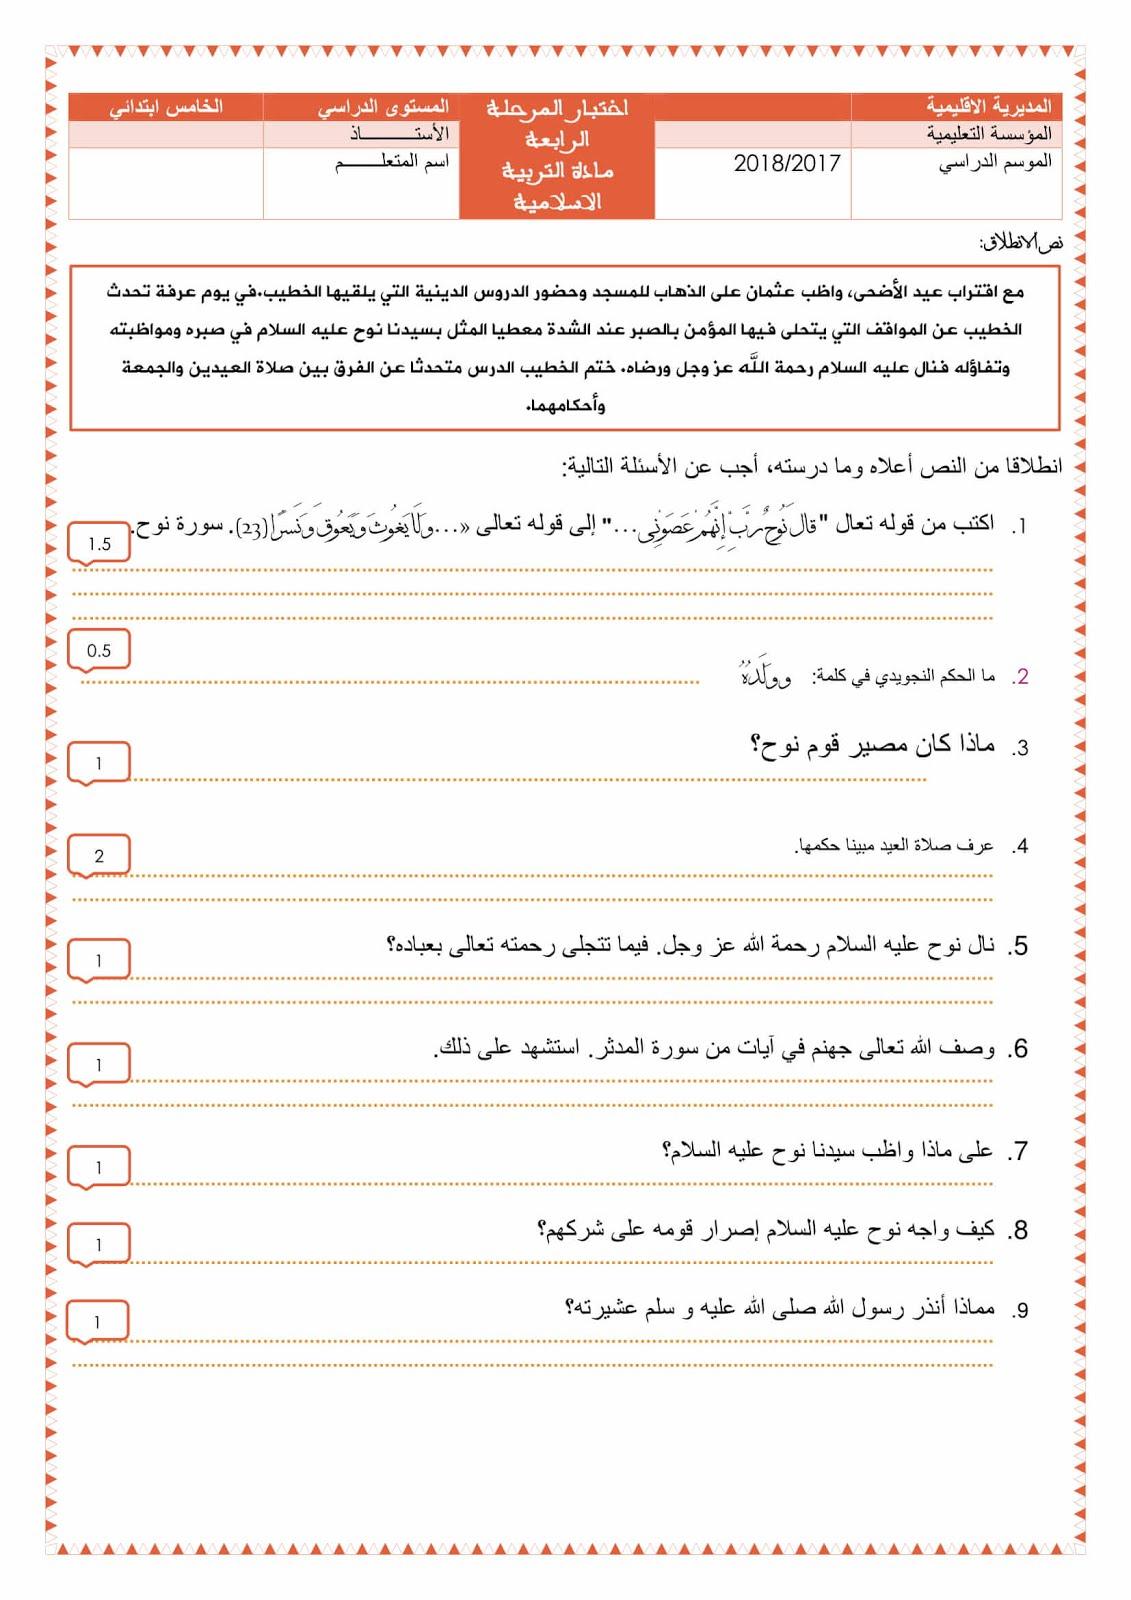 فرض التربية الإسلامية الخامس